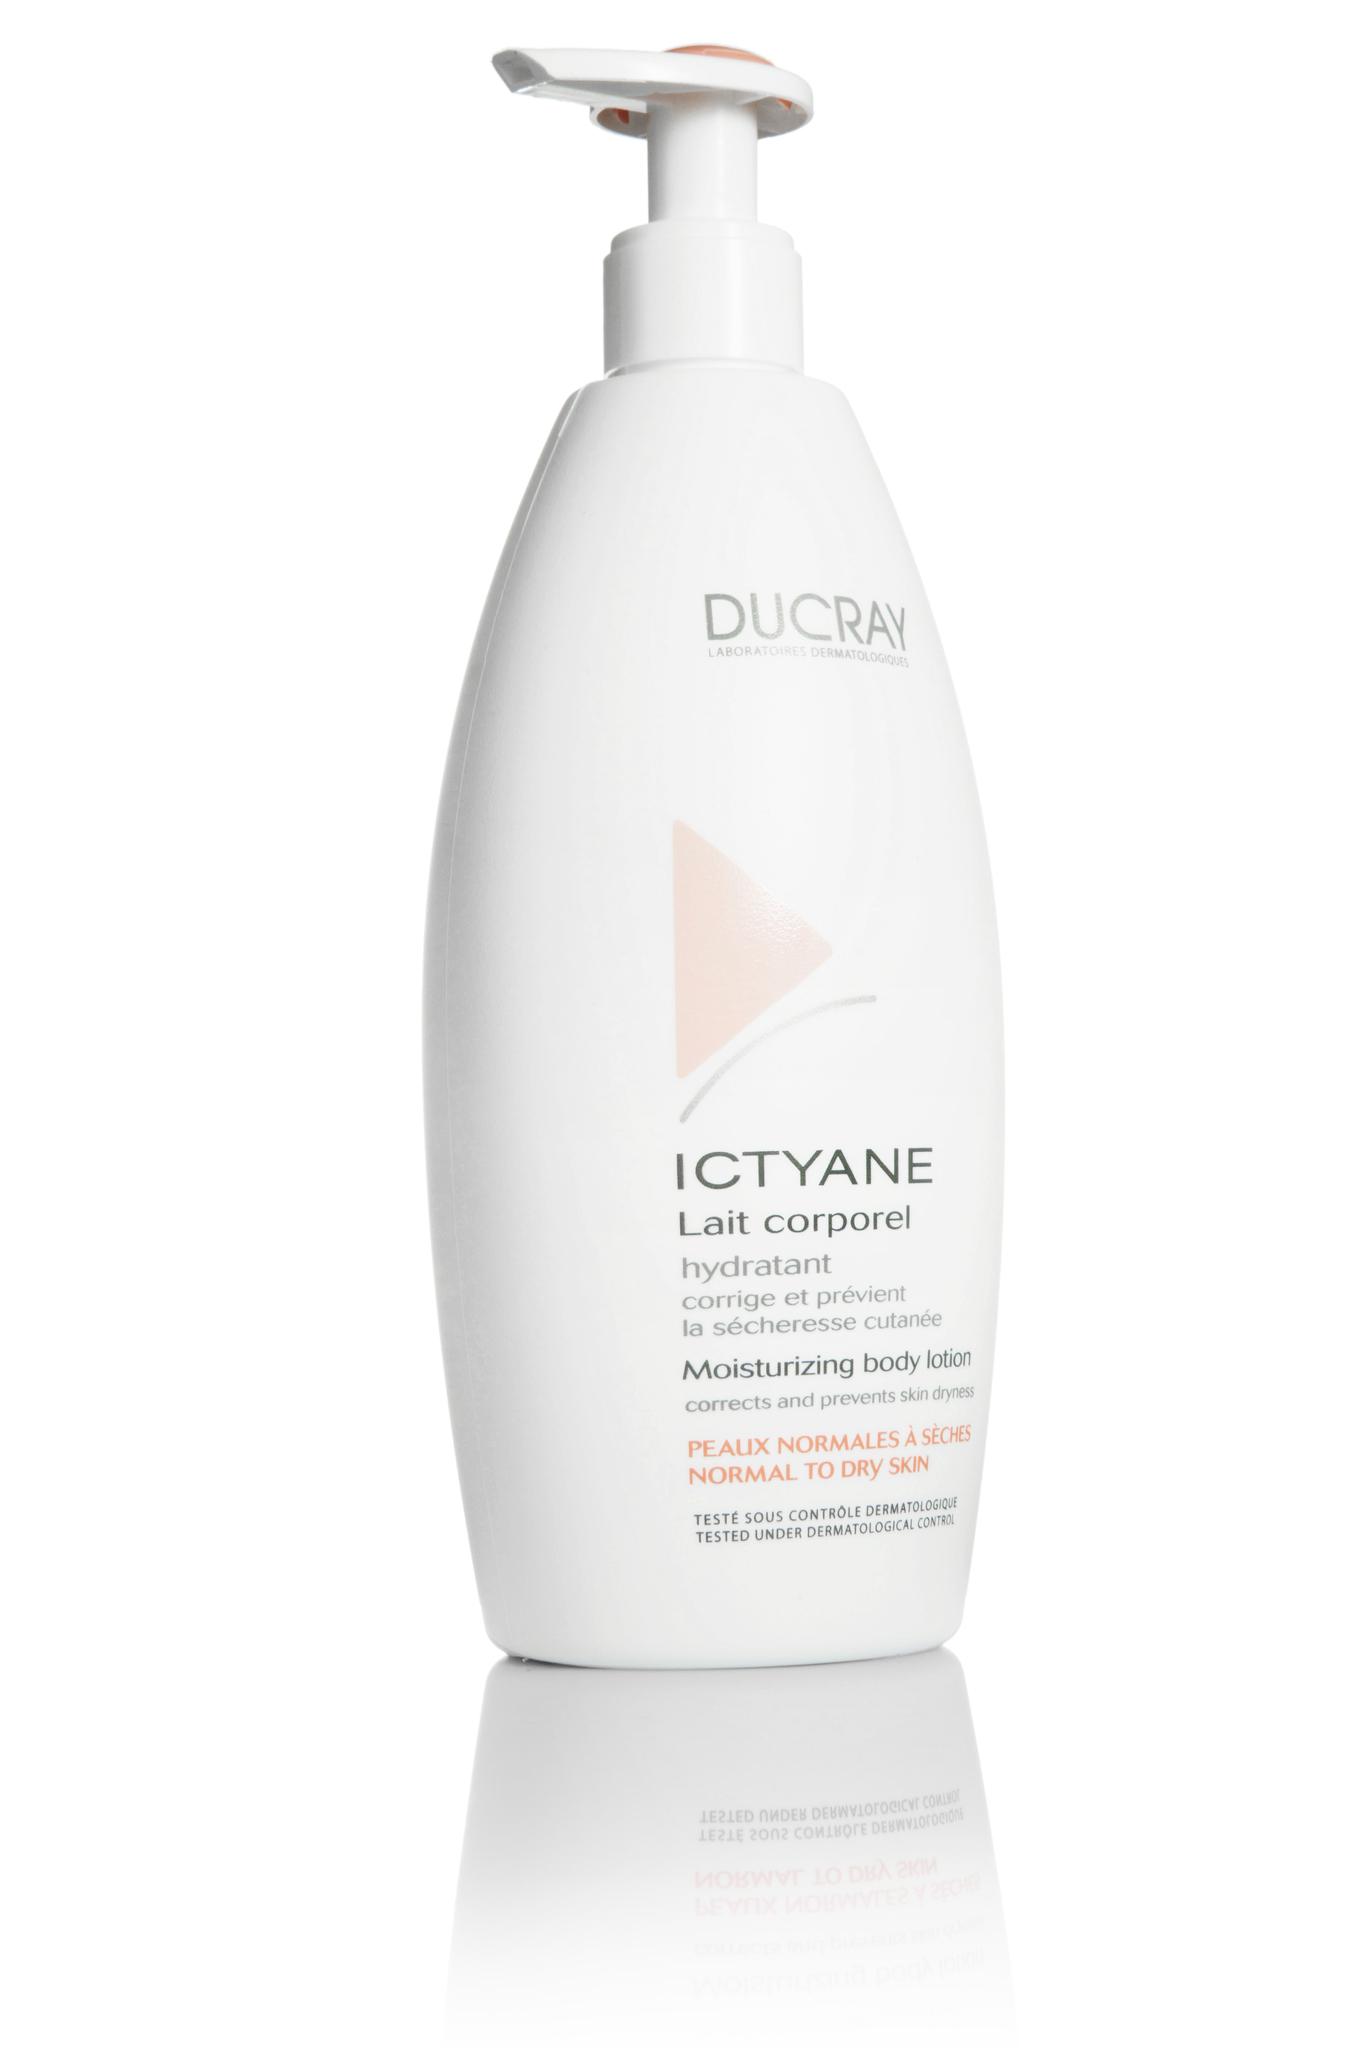 Ducray Ictyane молочко для тела увлажняющее 500 мл.